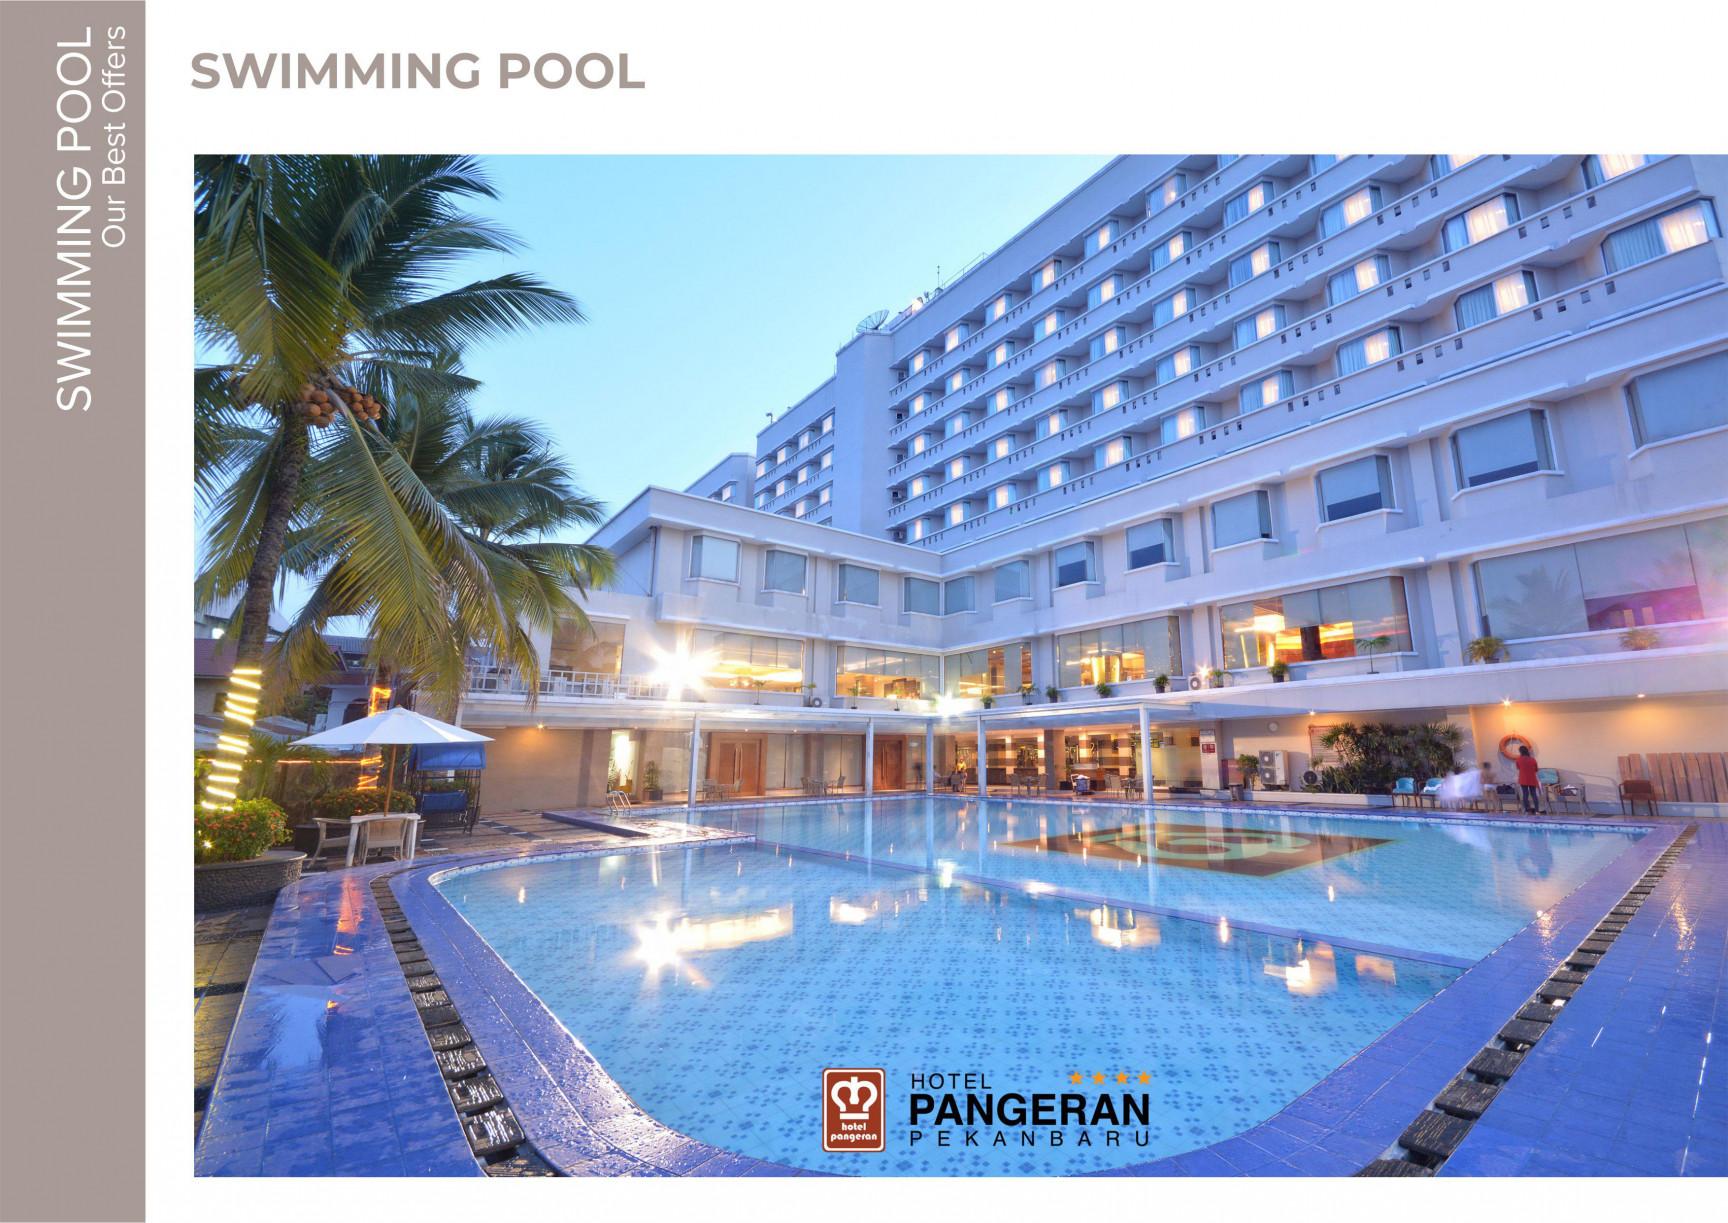 Image : HOTEL PANGERAN PEKANBARU